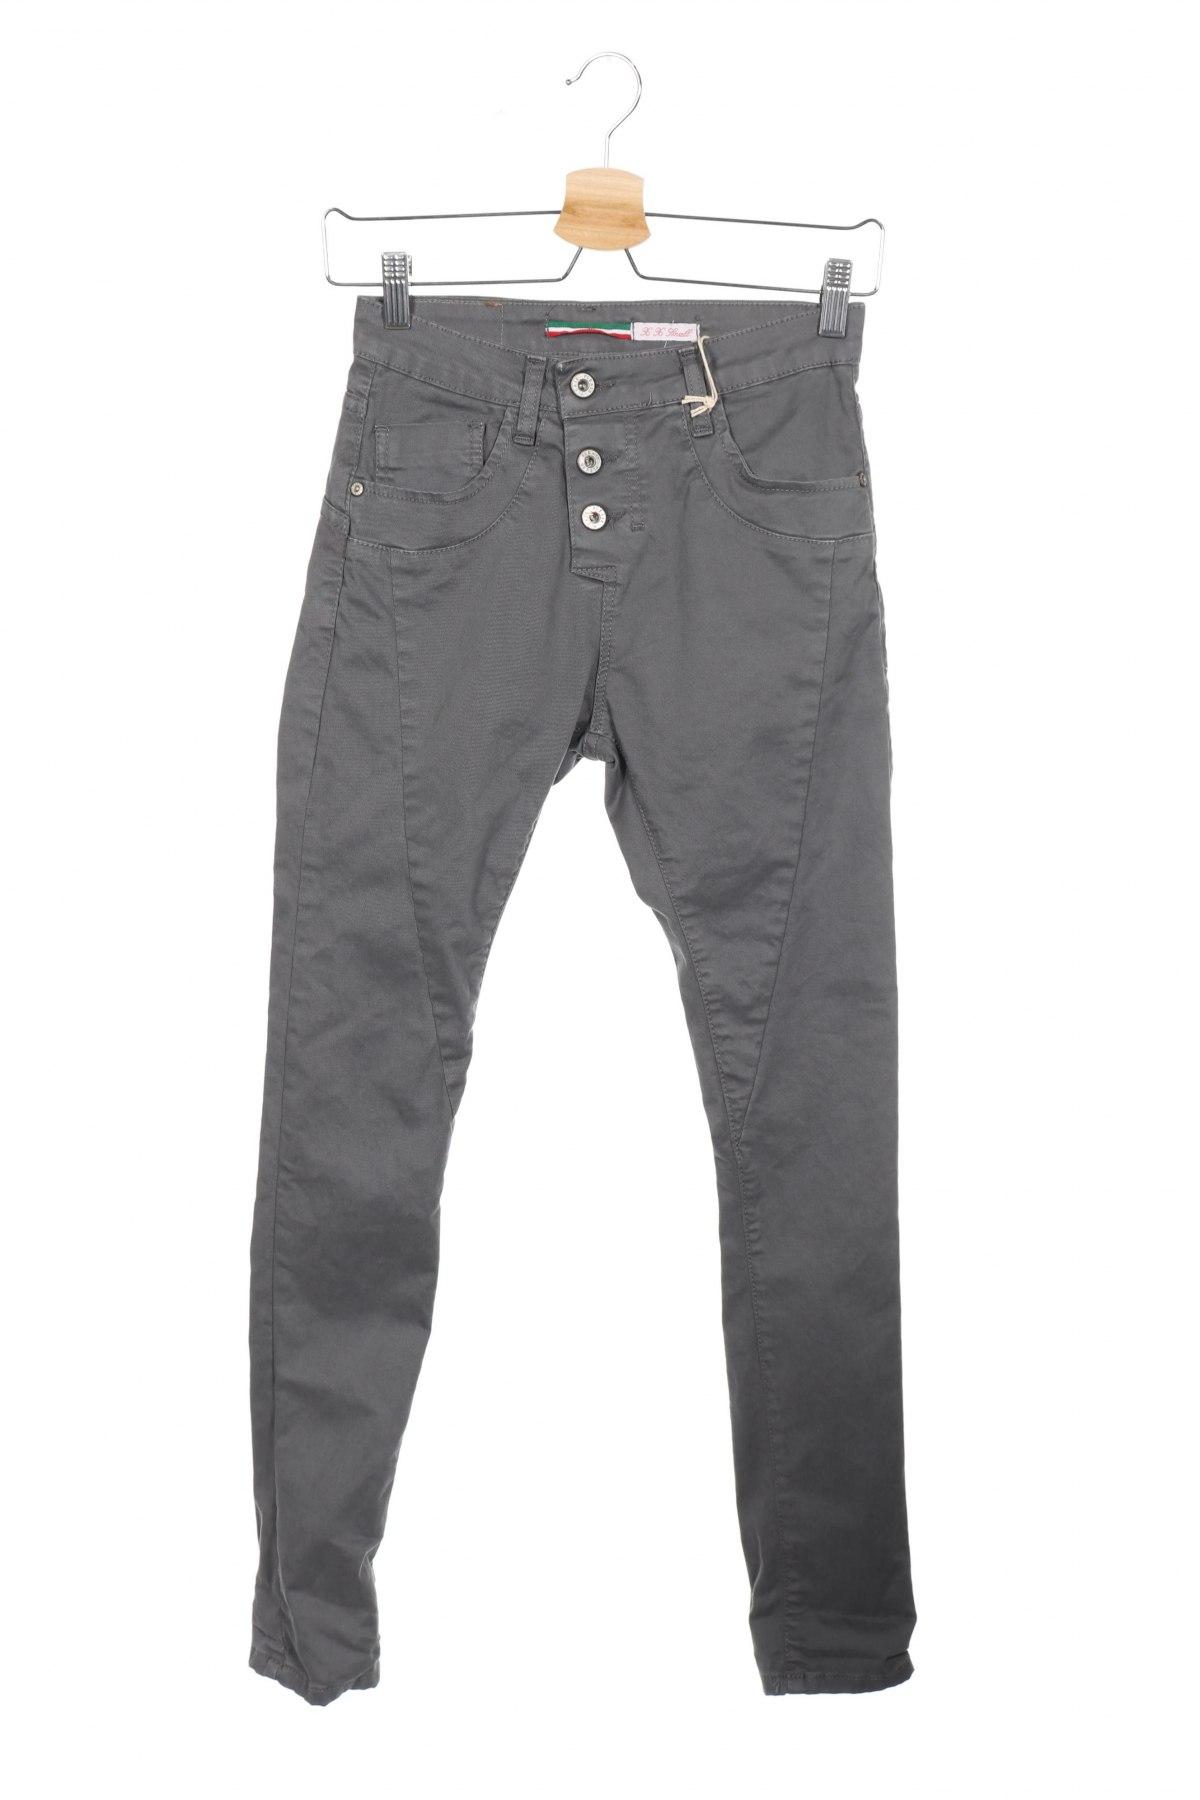 Дамски дънки Please, Размер XXS, Цвят Сив, 98% памук, 2% еластан, Цена 15,90лв.